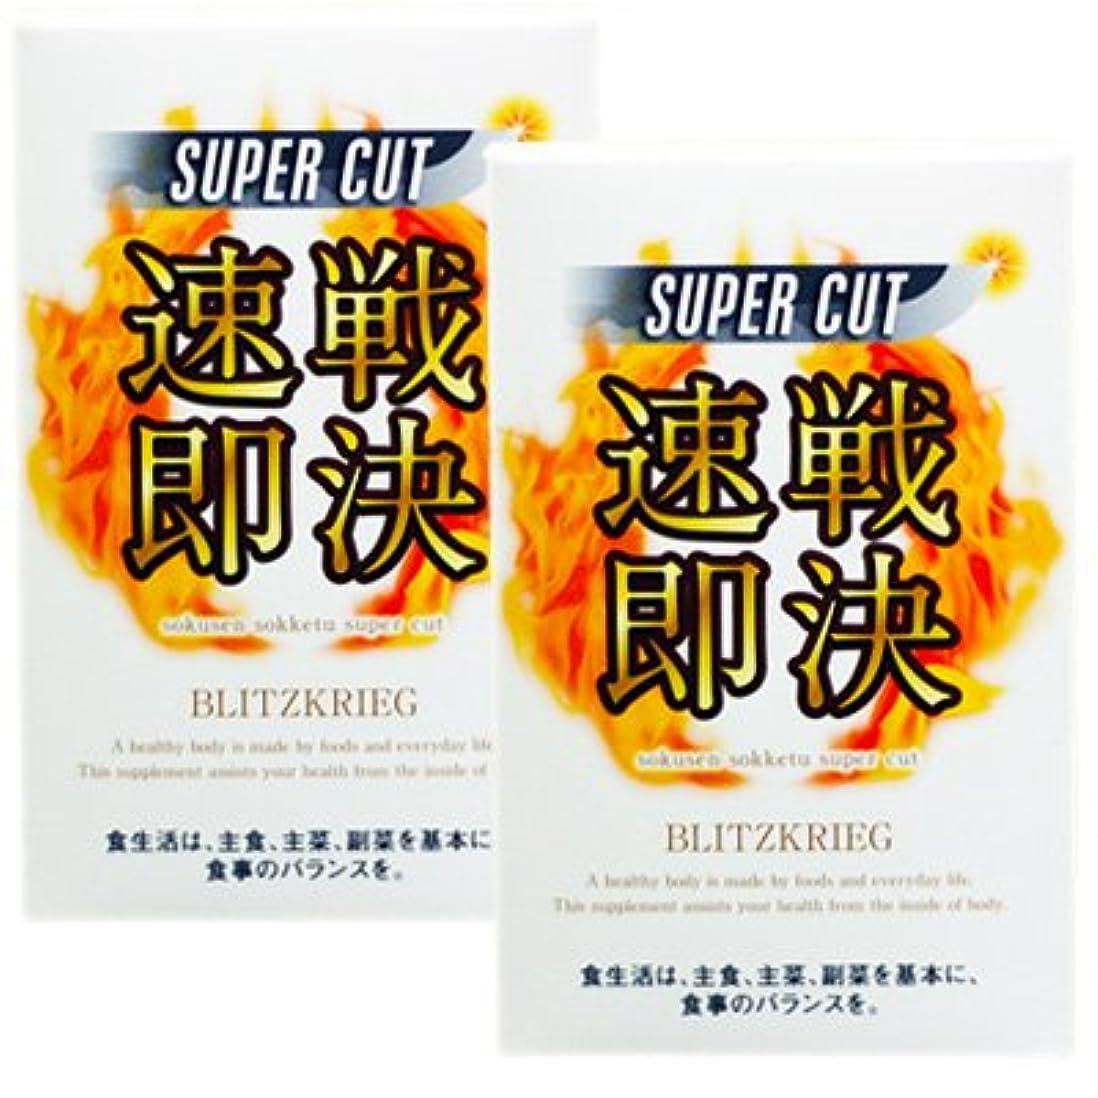 性差別ディスパッチ姿を消す速戦即決 スーパーカット2個セット! そくせんそっけつ×2個 SUPER CUT